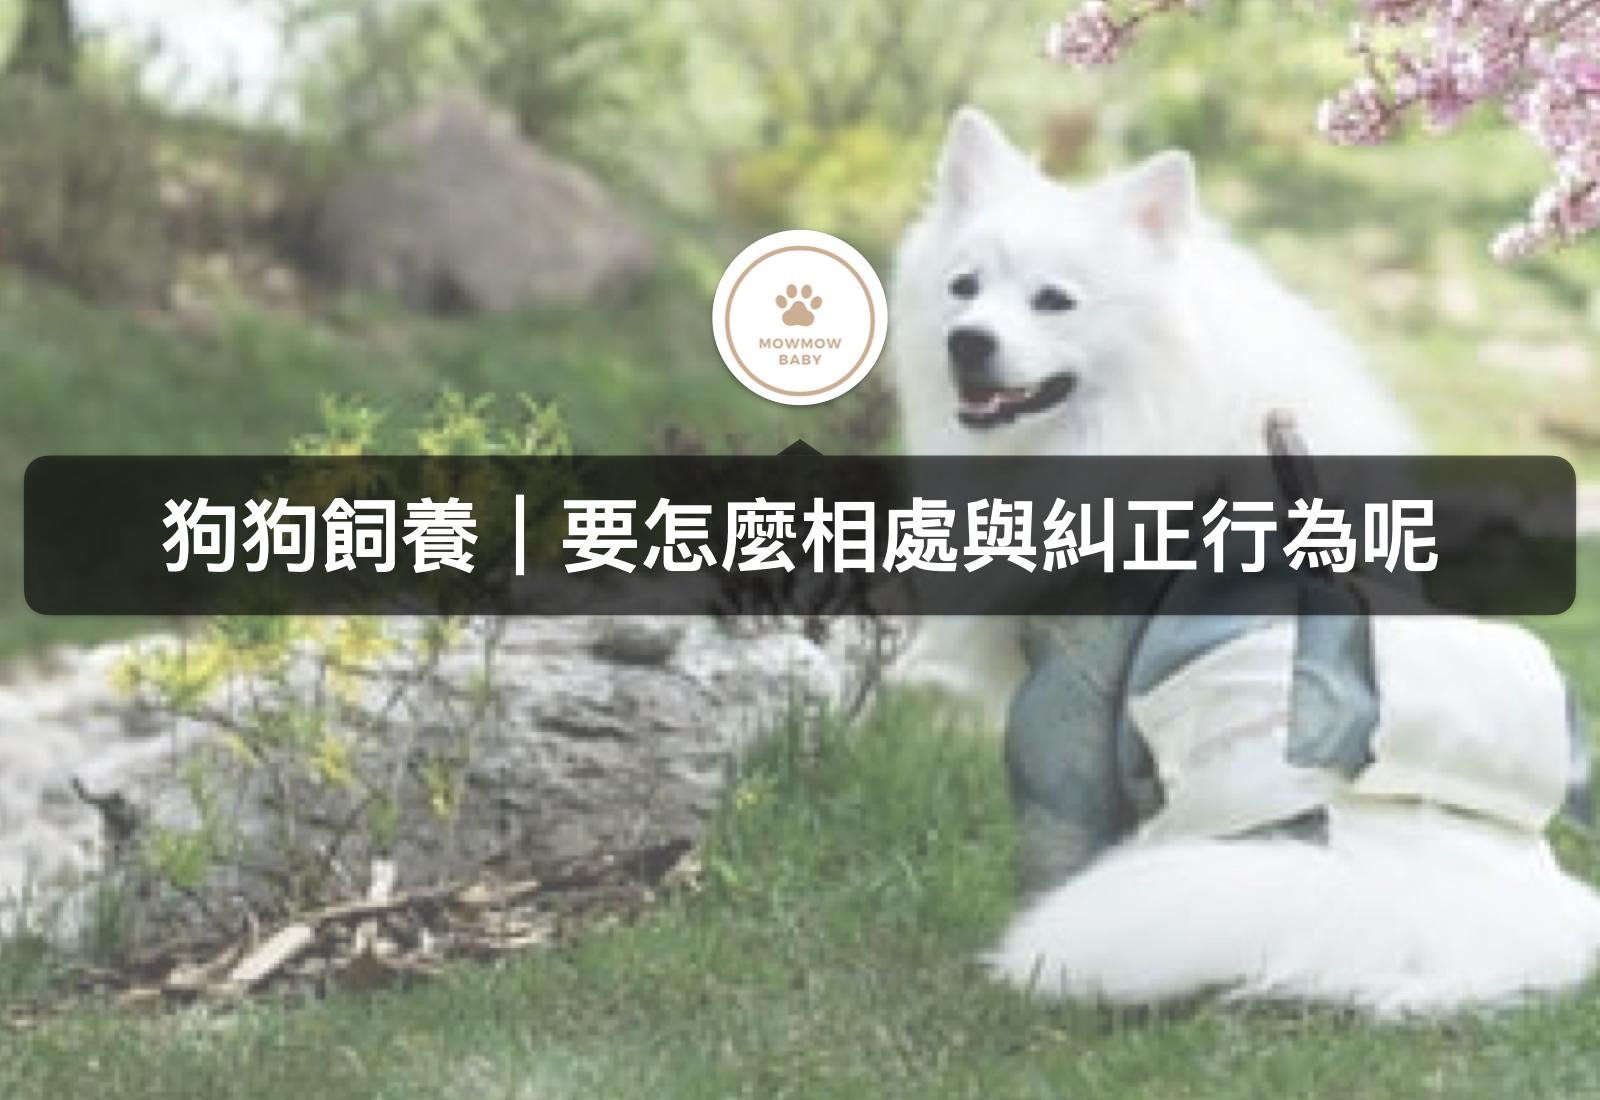 狗狗行為|狗狗飼養時該如何訓練狗狗?